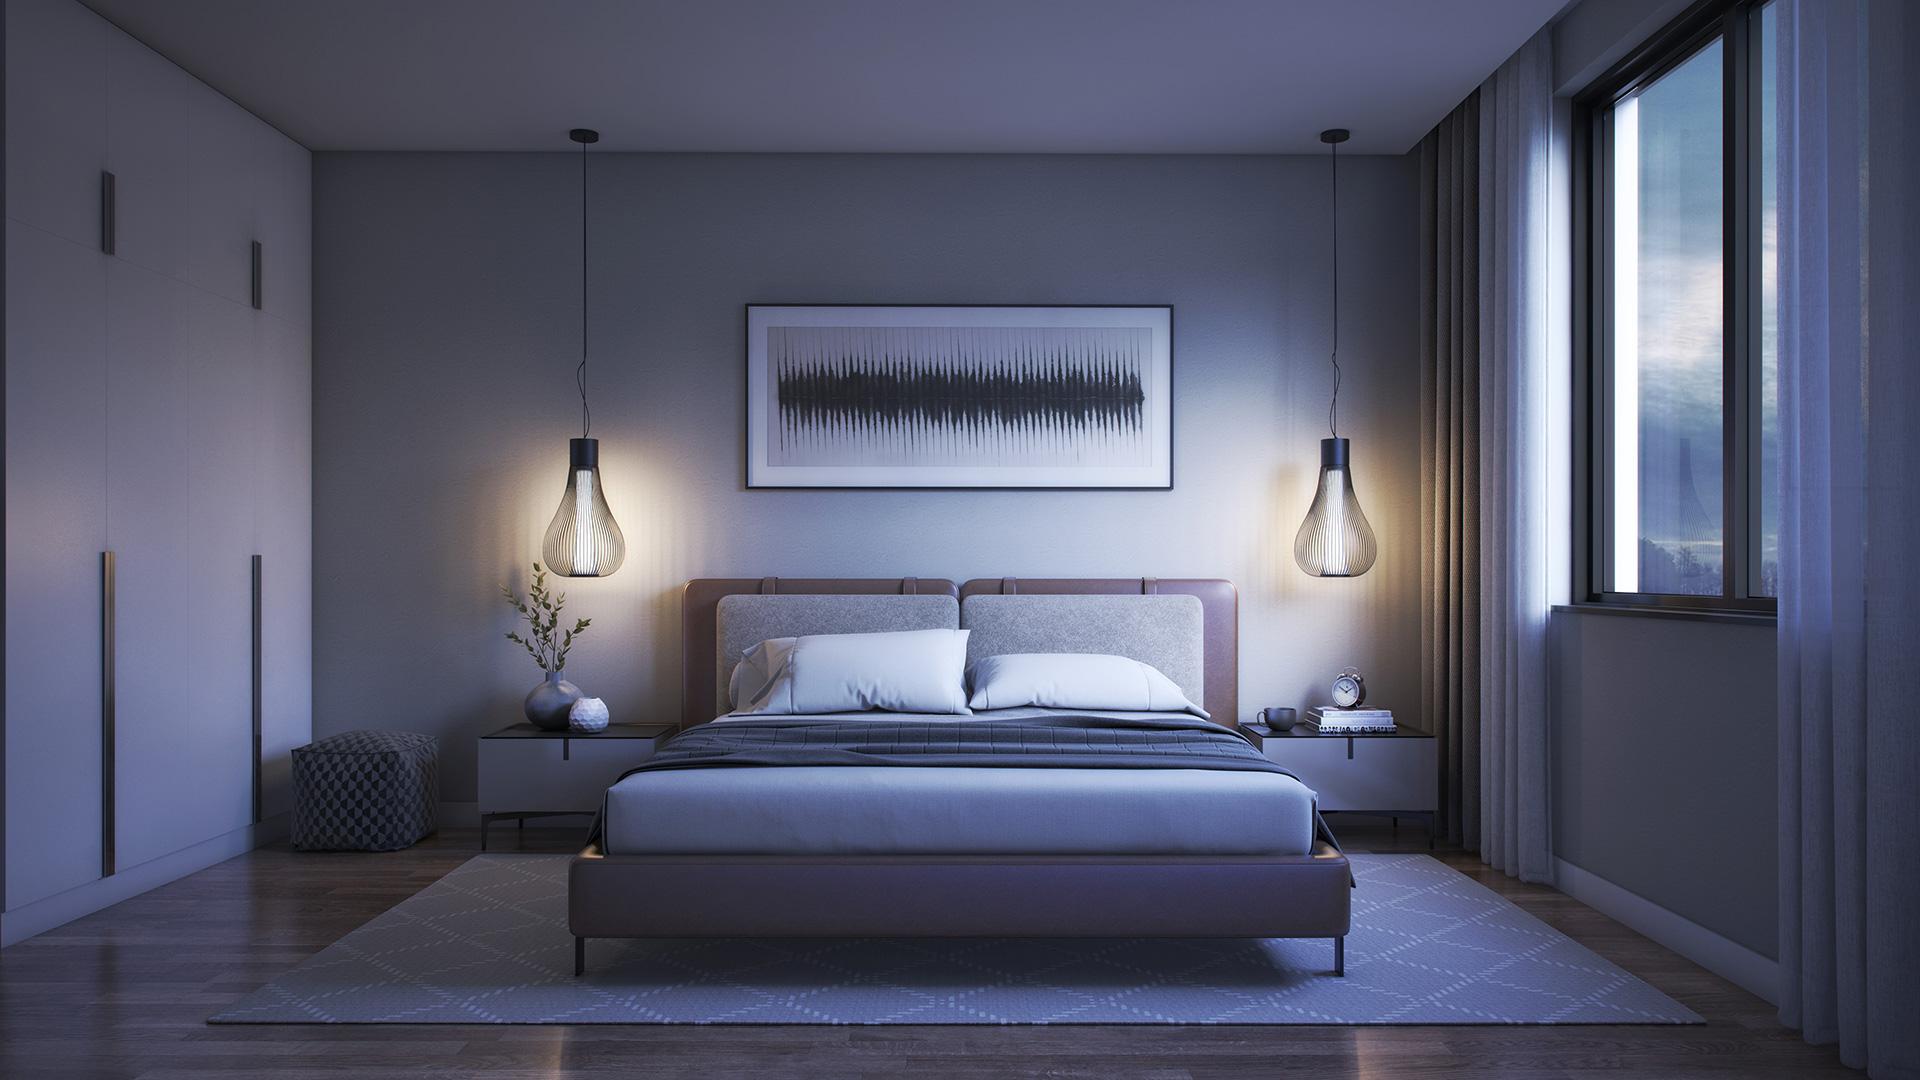 Bedroom_G_01_RGB_color-spavaca-3-sobni-60